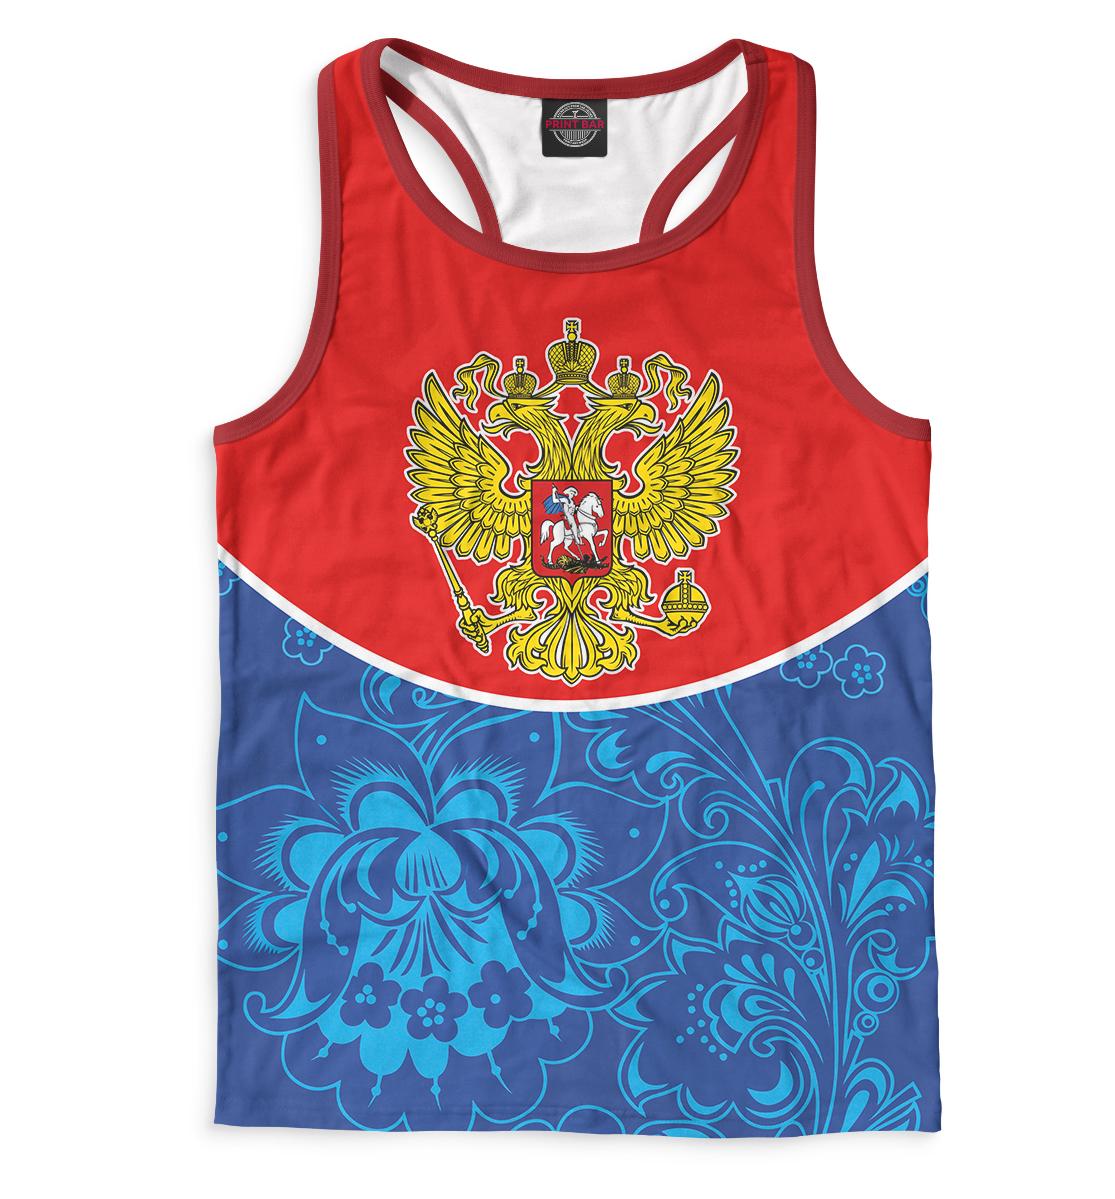 Купить Сборная России, Printbar, Майки борцовки, FRF-376510-mayb-2